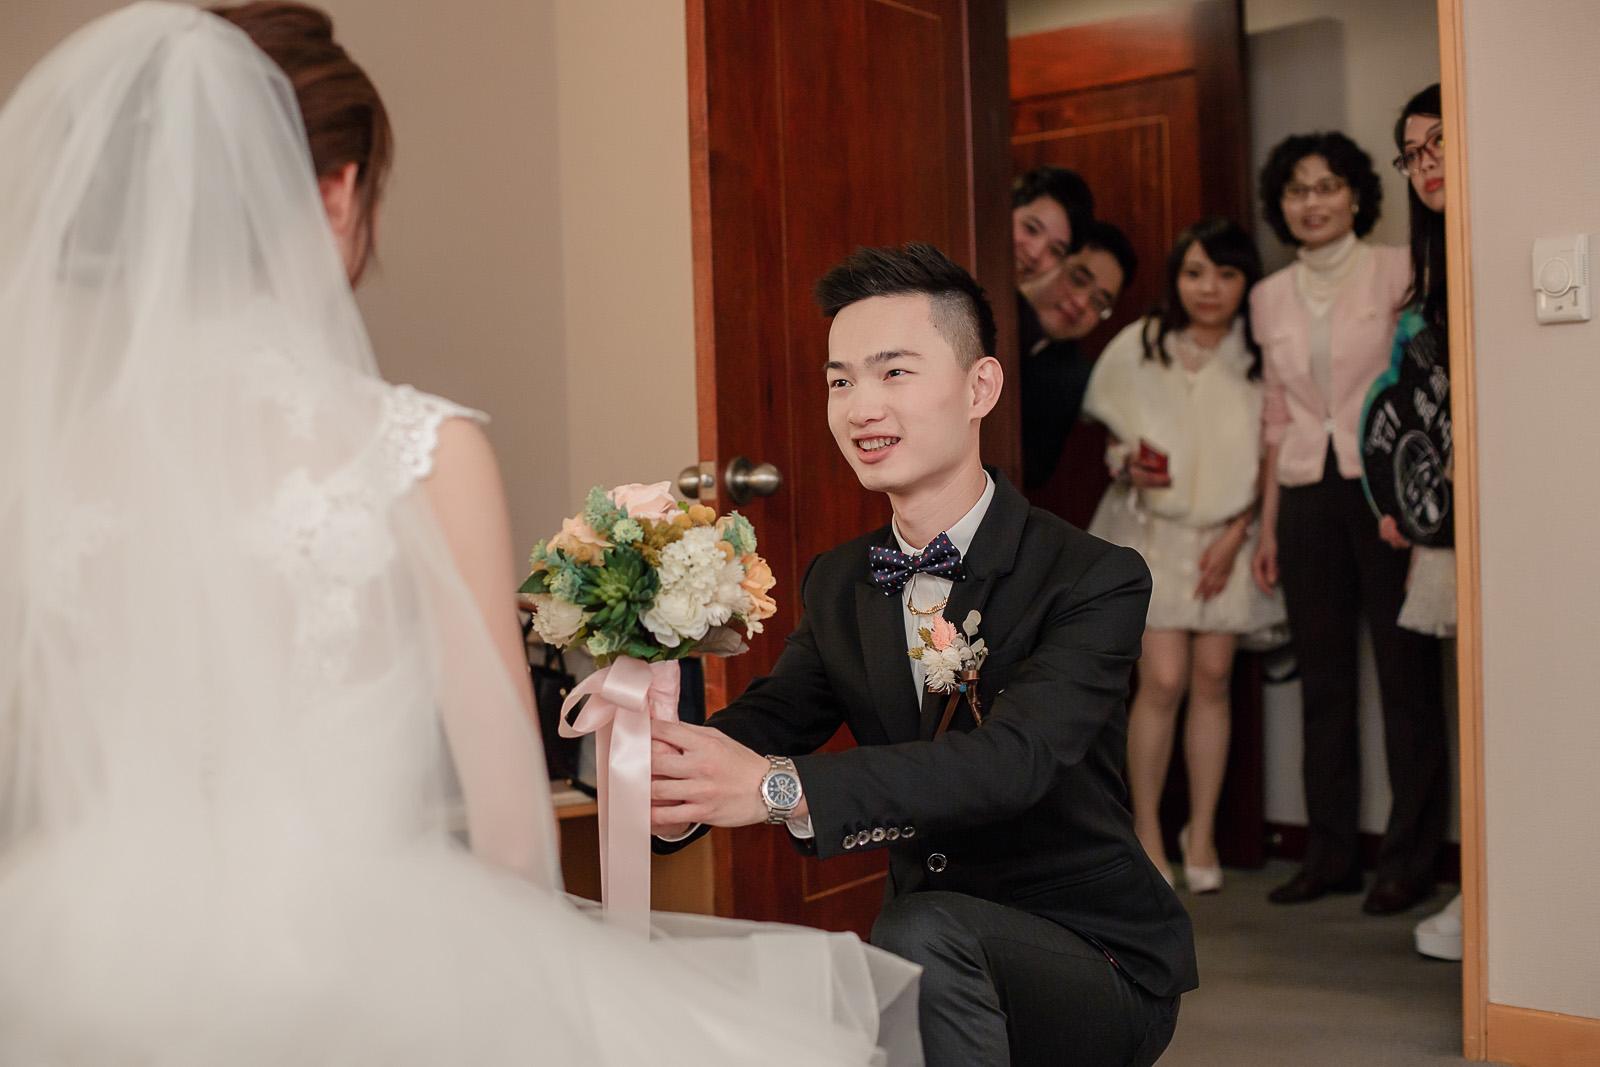 高雄圓山飯店,婚禮攝影,婚攝,高雄婚攝,優質婚攝推薦,Jen&Ethan-130